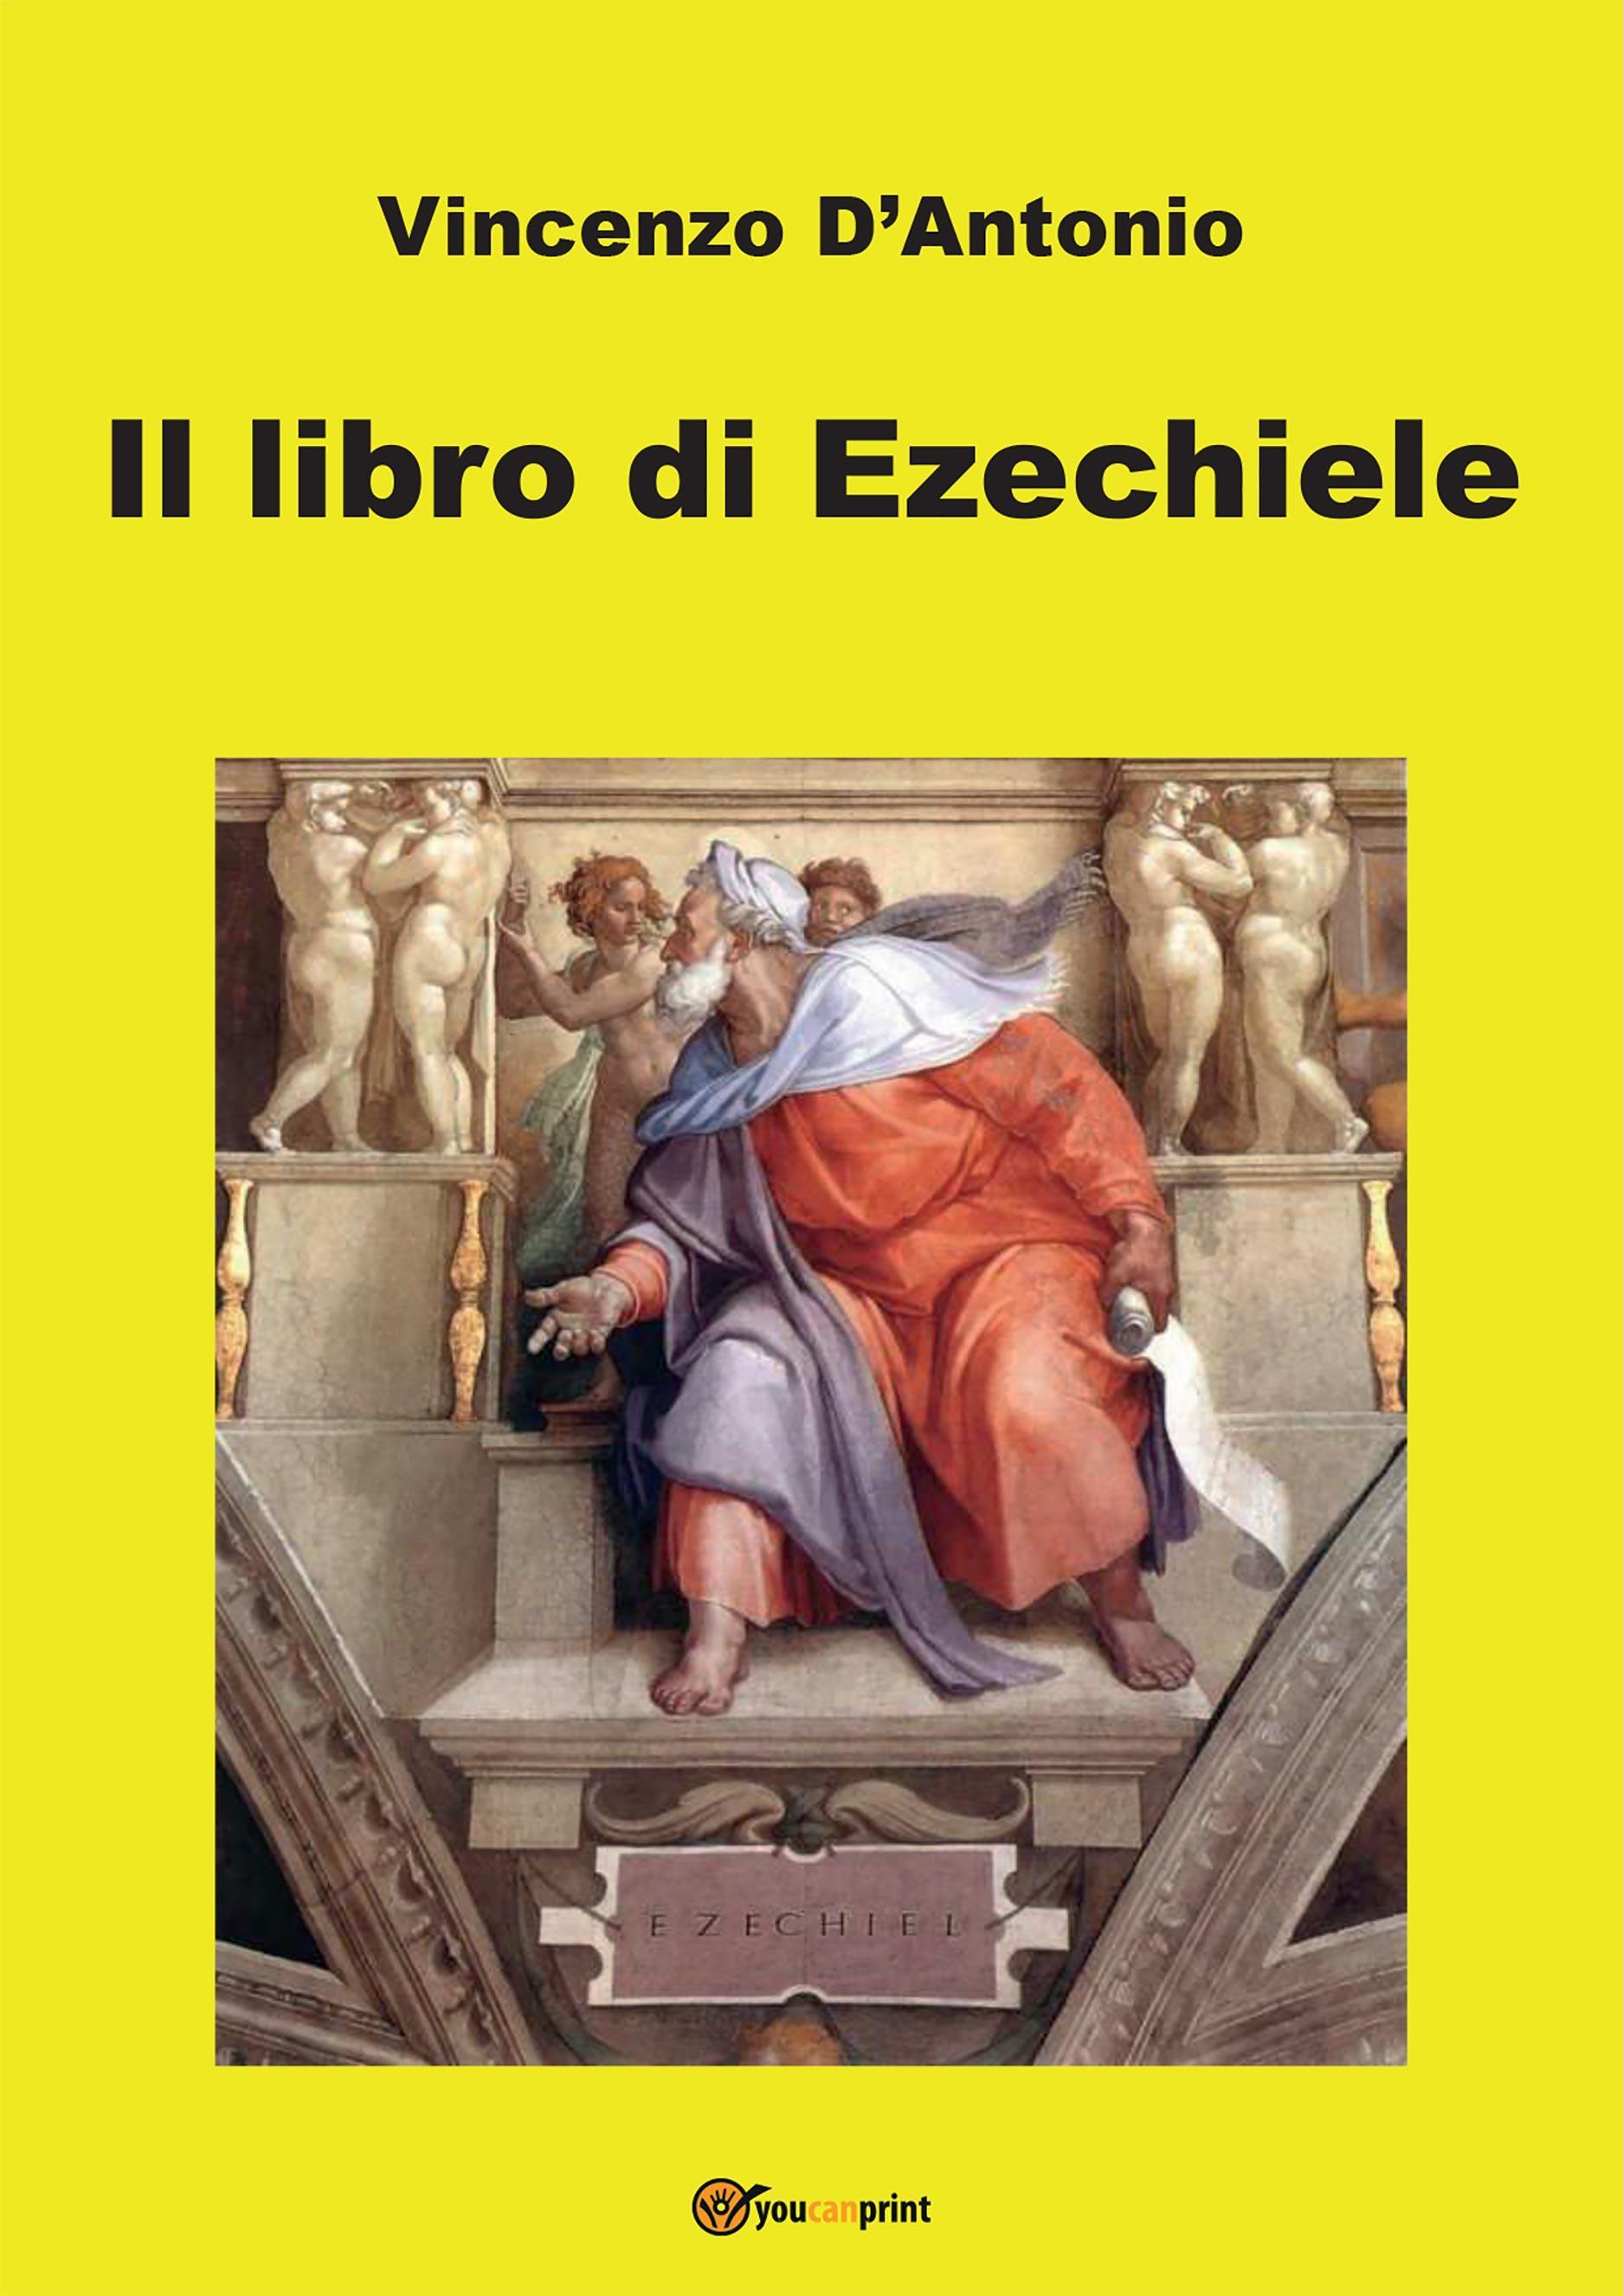 Il libro di Ezechiele